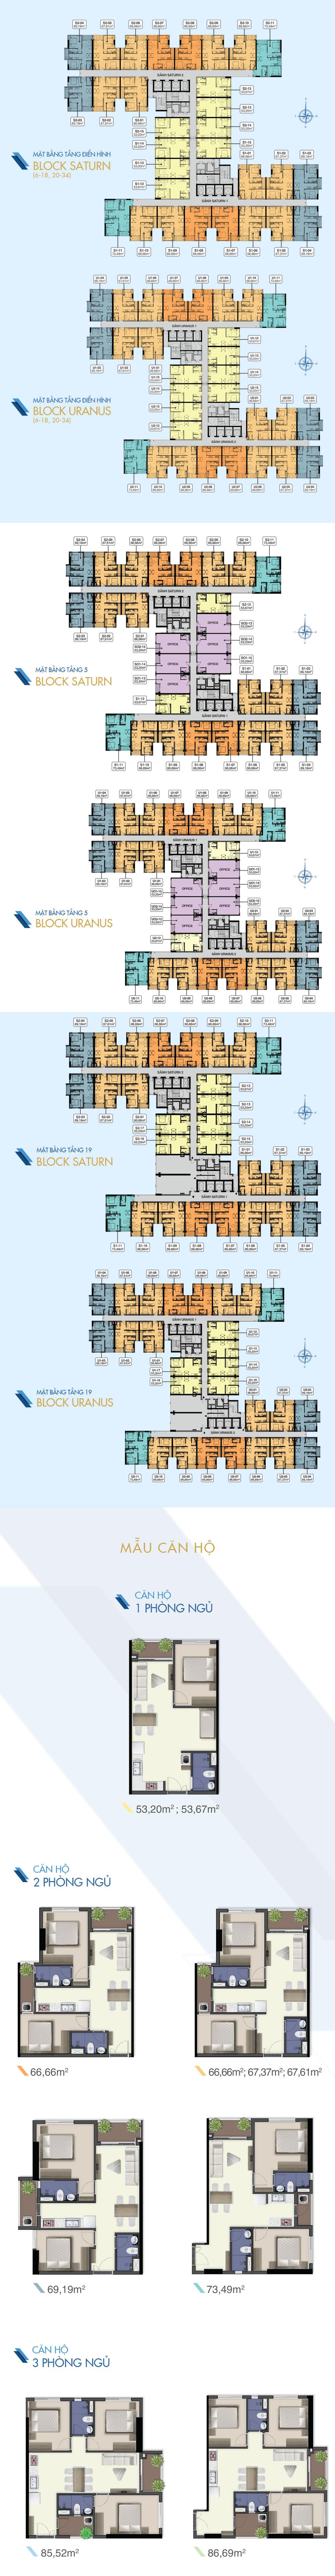 Mặt bằng các tầng căn hộ Q7 Saigon Riverside Complex